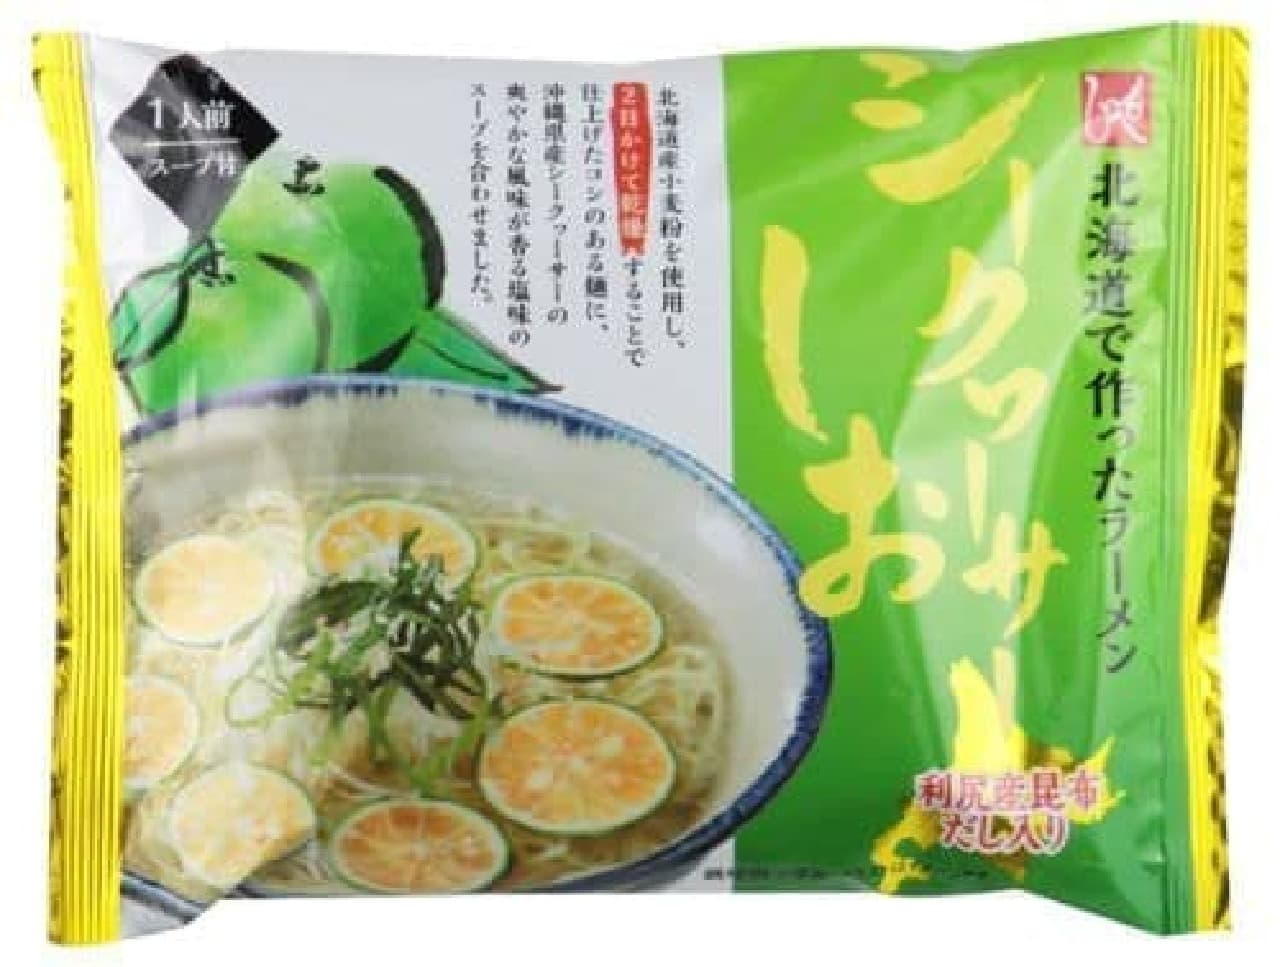 もへじ 北海道でつくったラーメン シークヮーサーしおは、利尻産昆布のだしが効いたスープにシークヮーサーの酸味をプラスしたラーメン